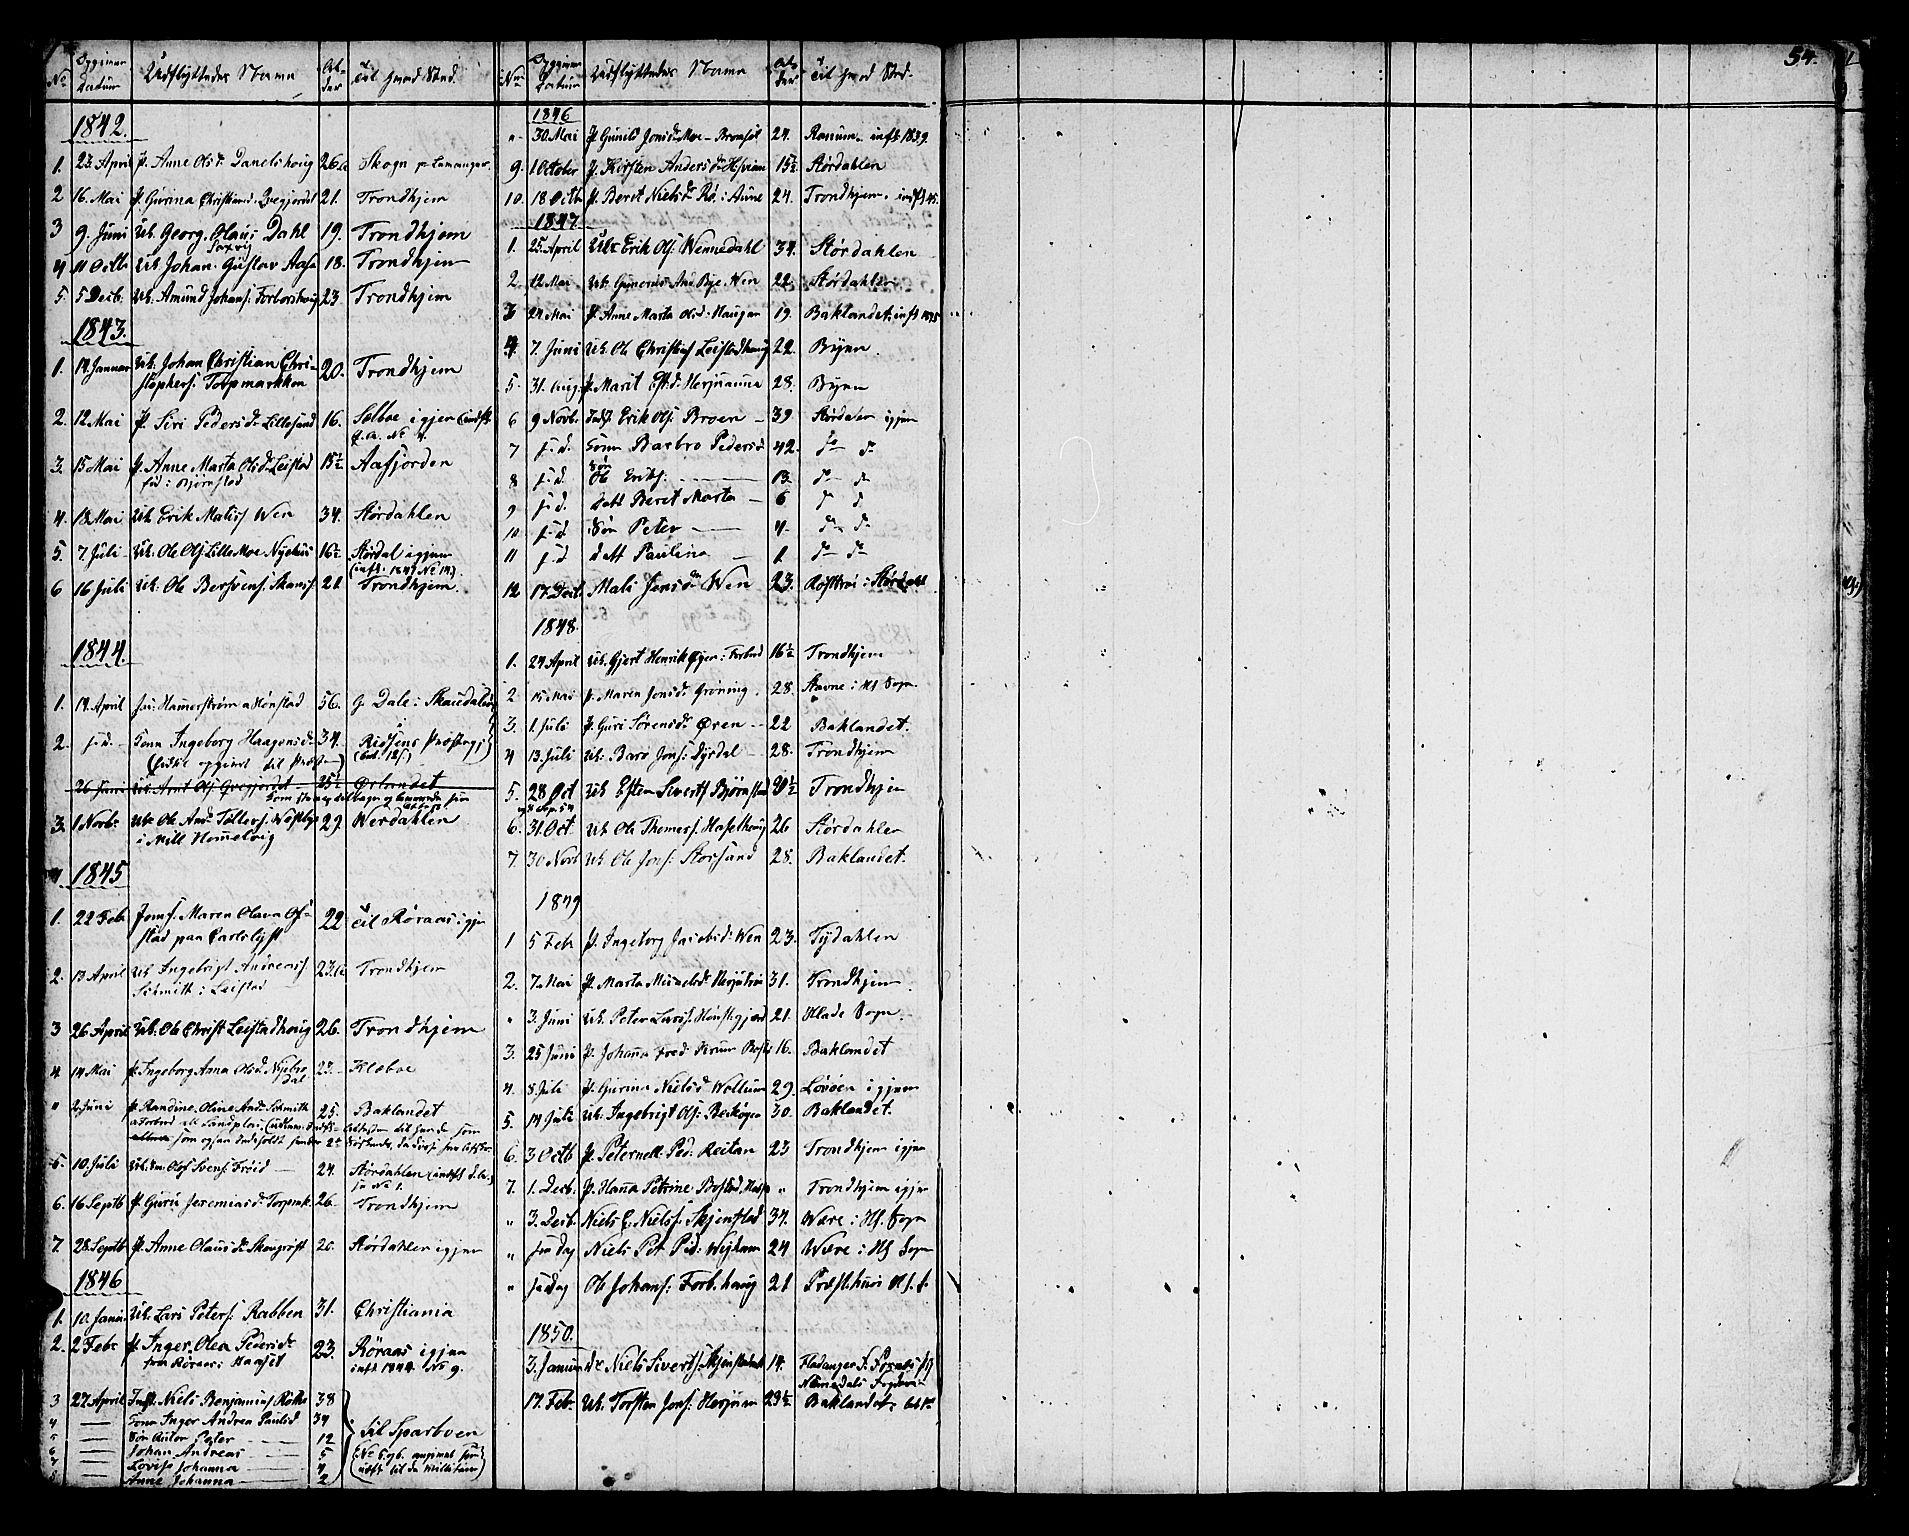 SAT, Ministerialprotokoller, klokkerbøker og fødselsregistre - Sør-Trøndelag, 616/L0421: Klokkerbok nr. 616C04, 1834-1850, s. 54